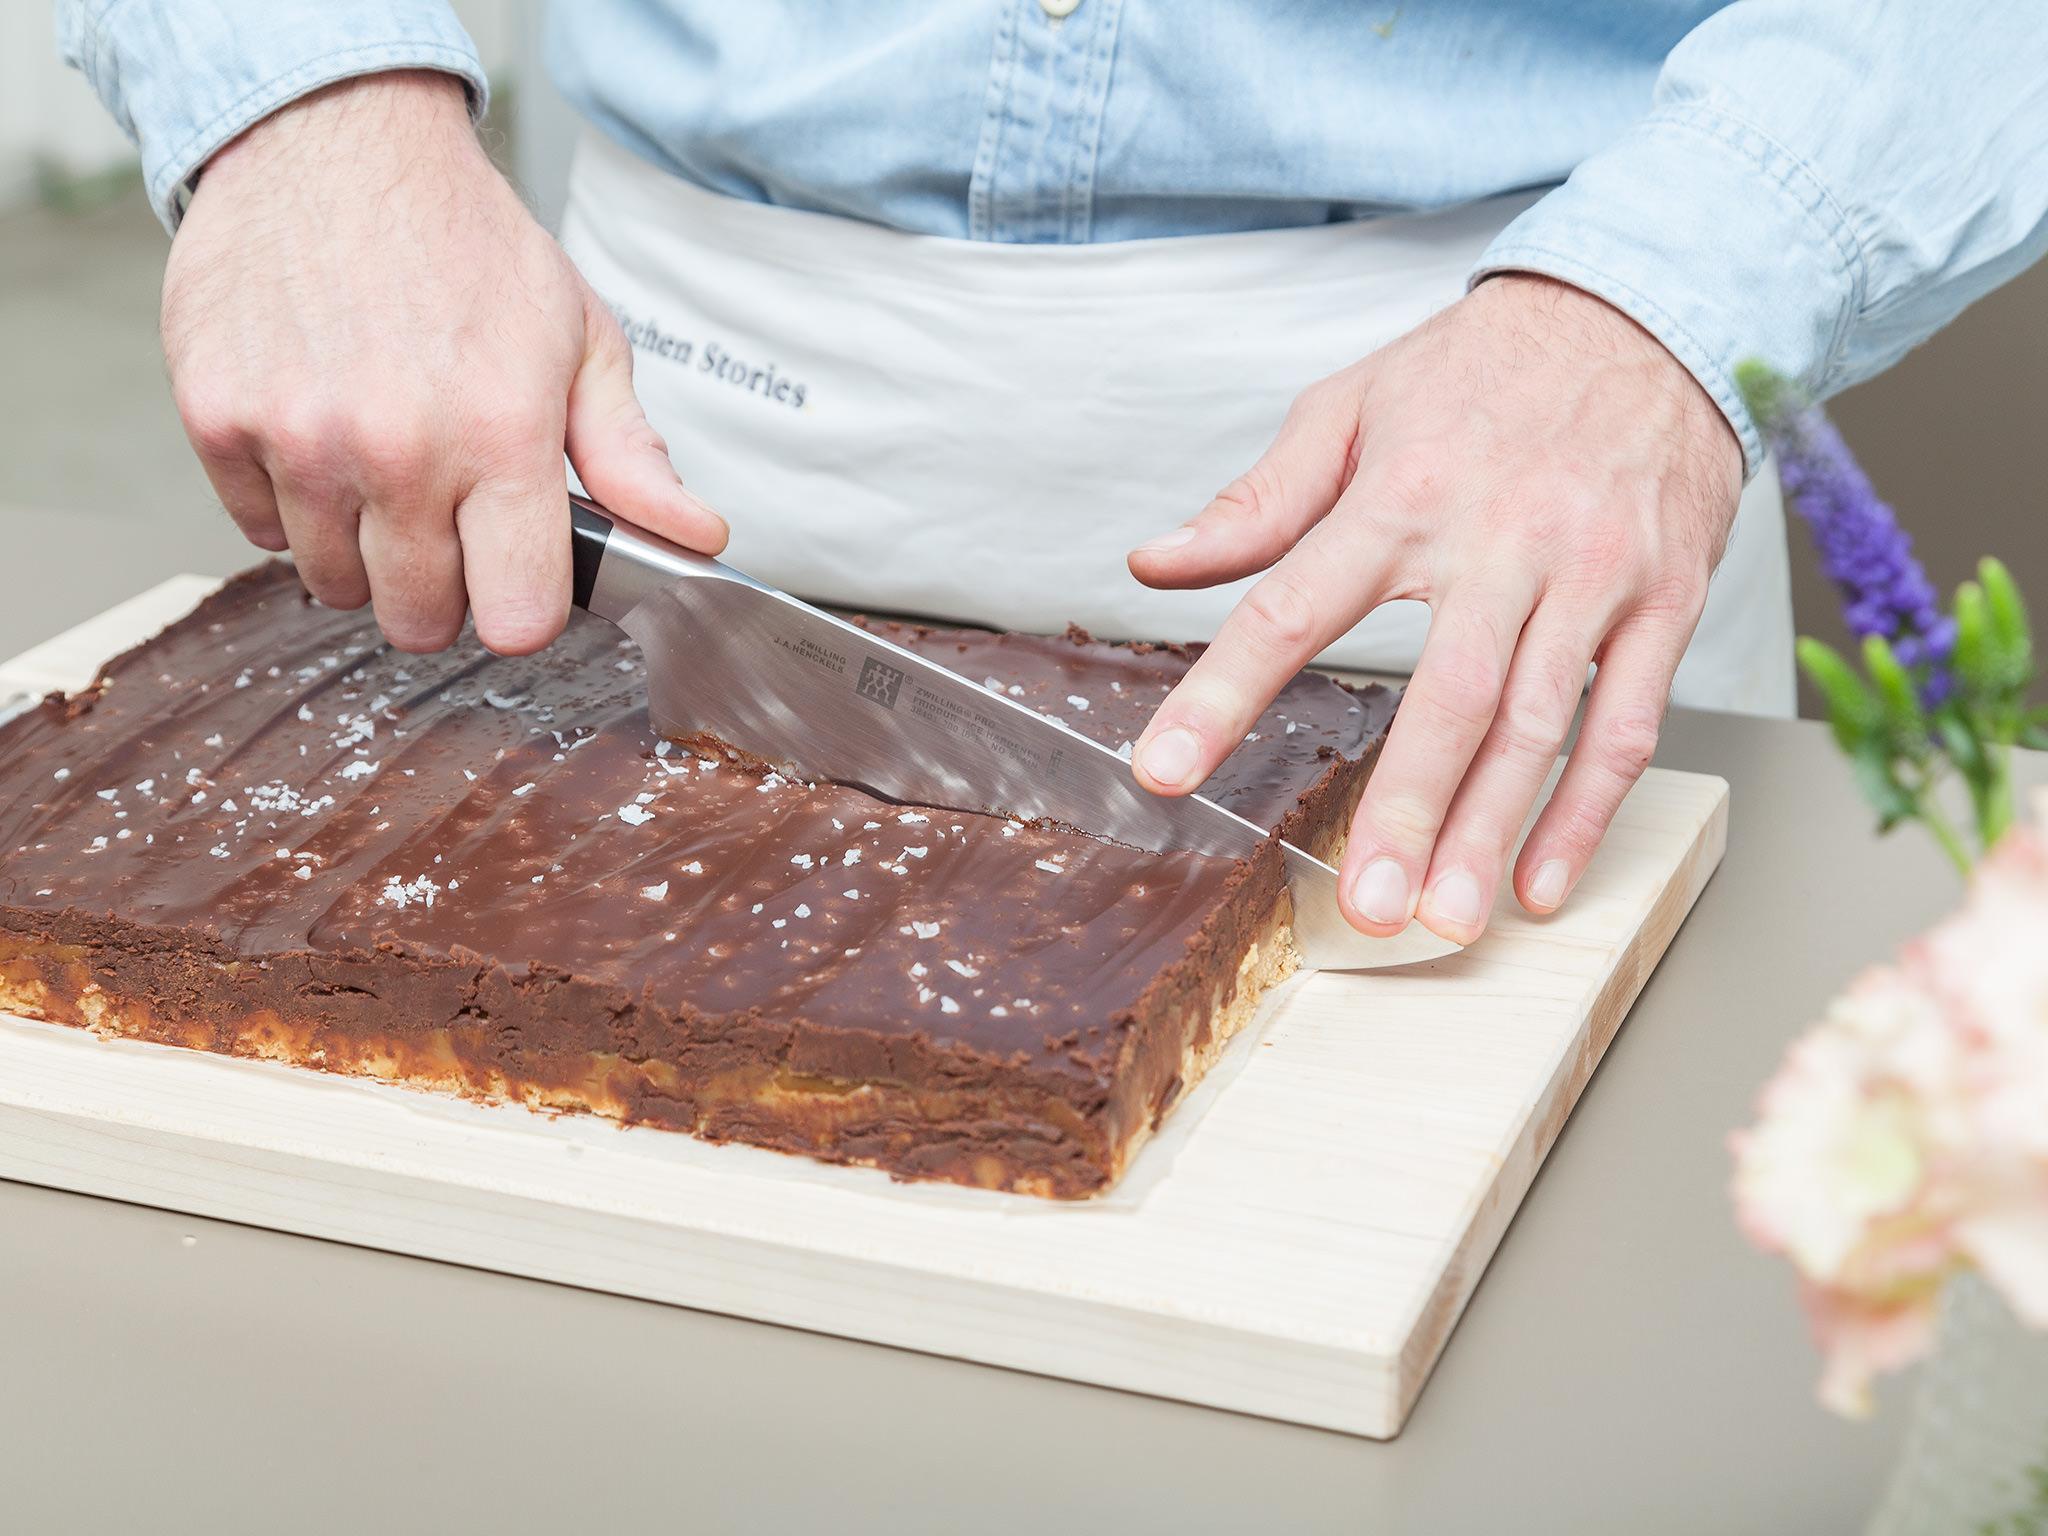 Krojenie ciasta w kostkę